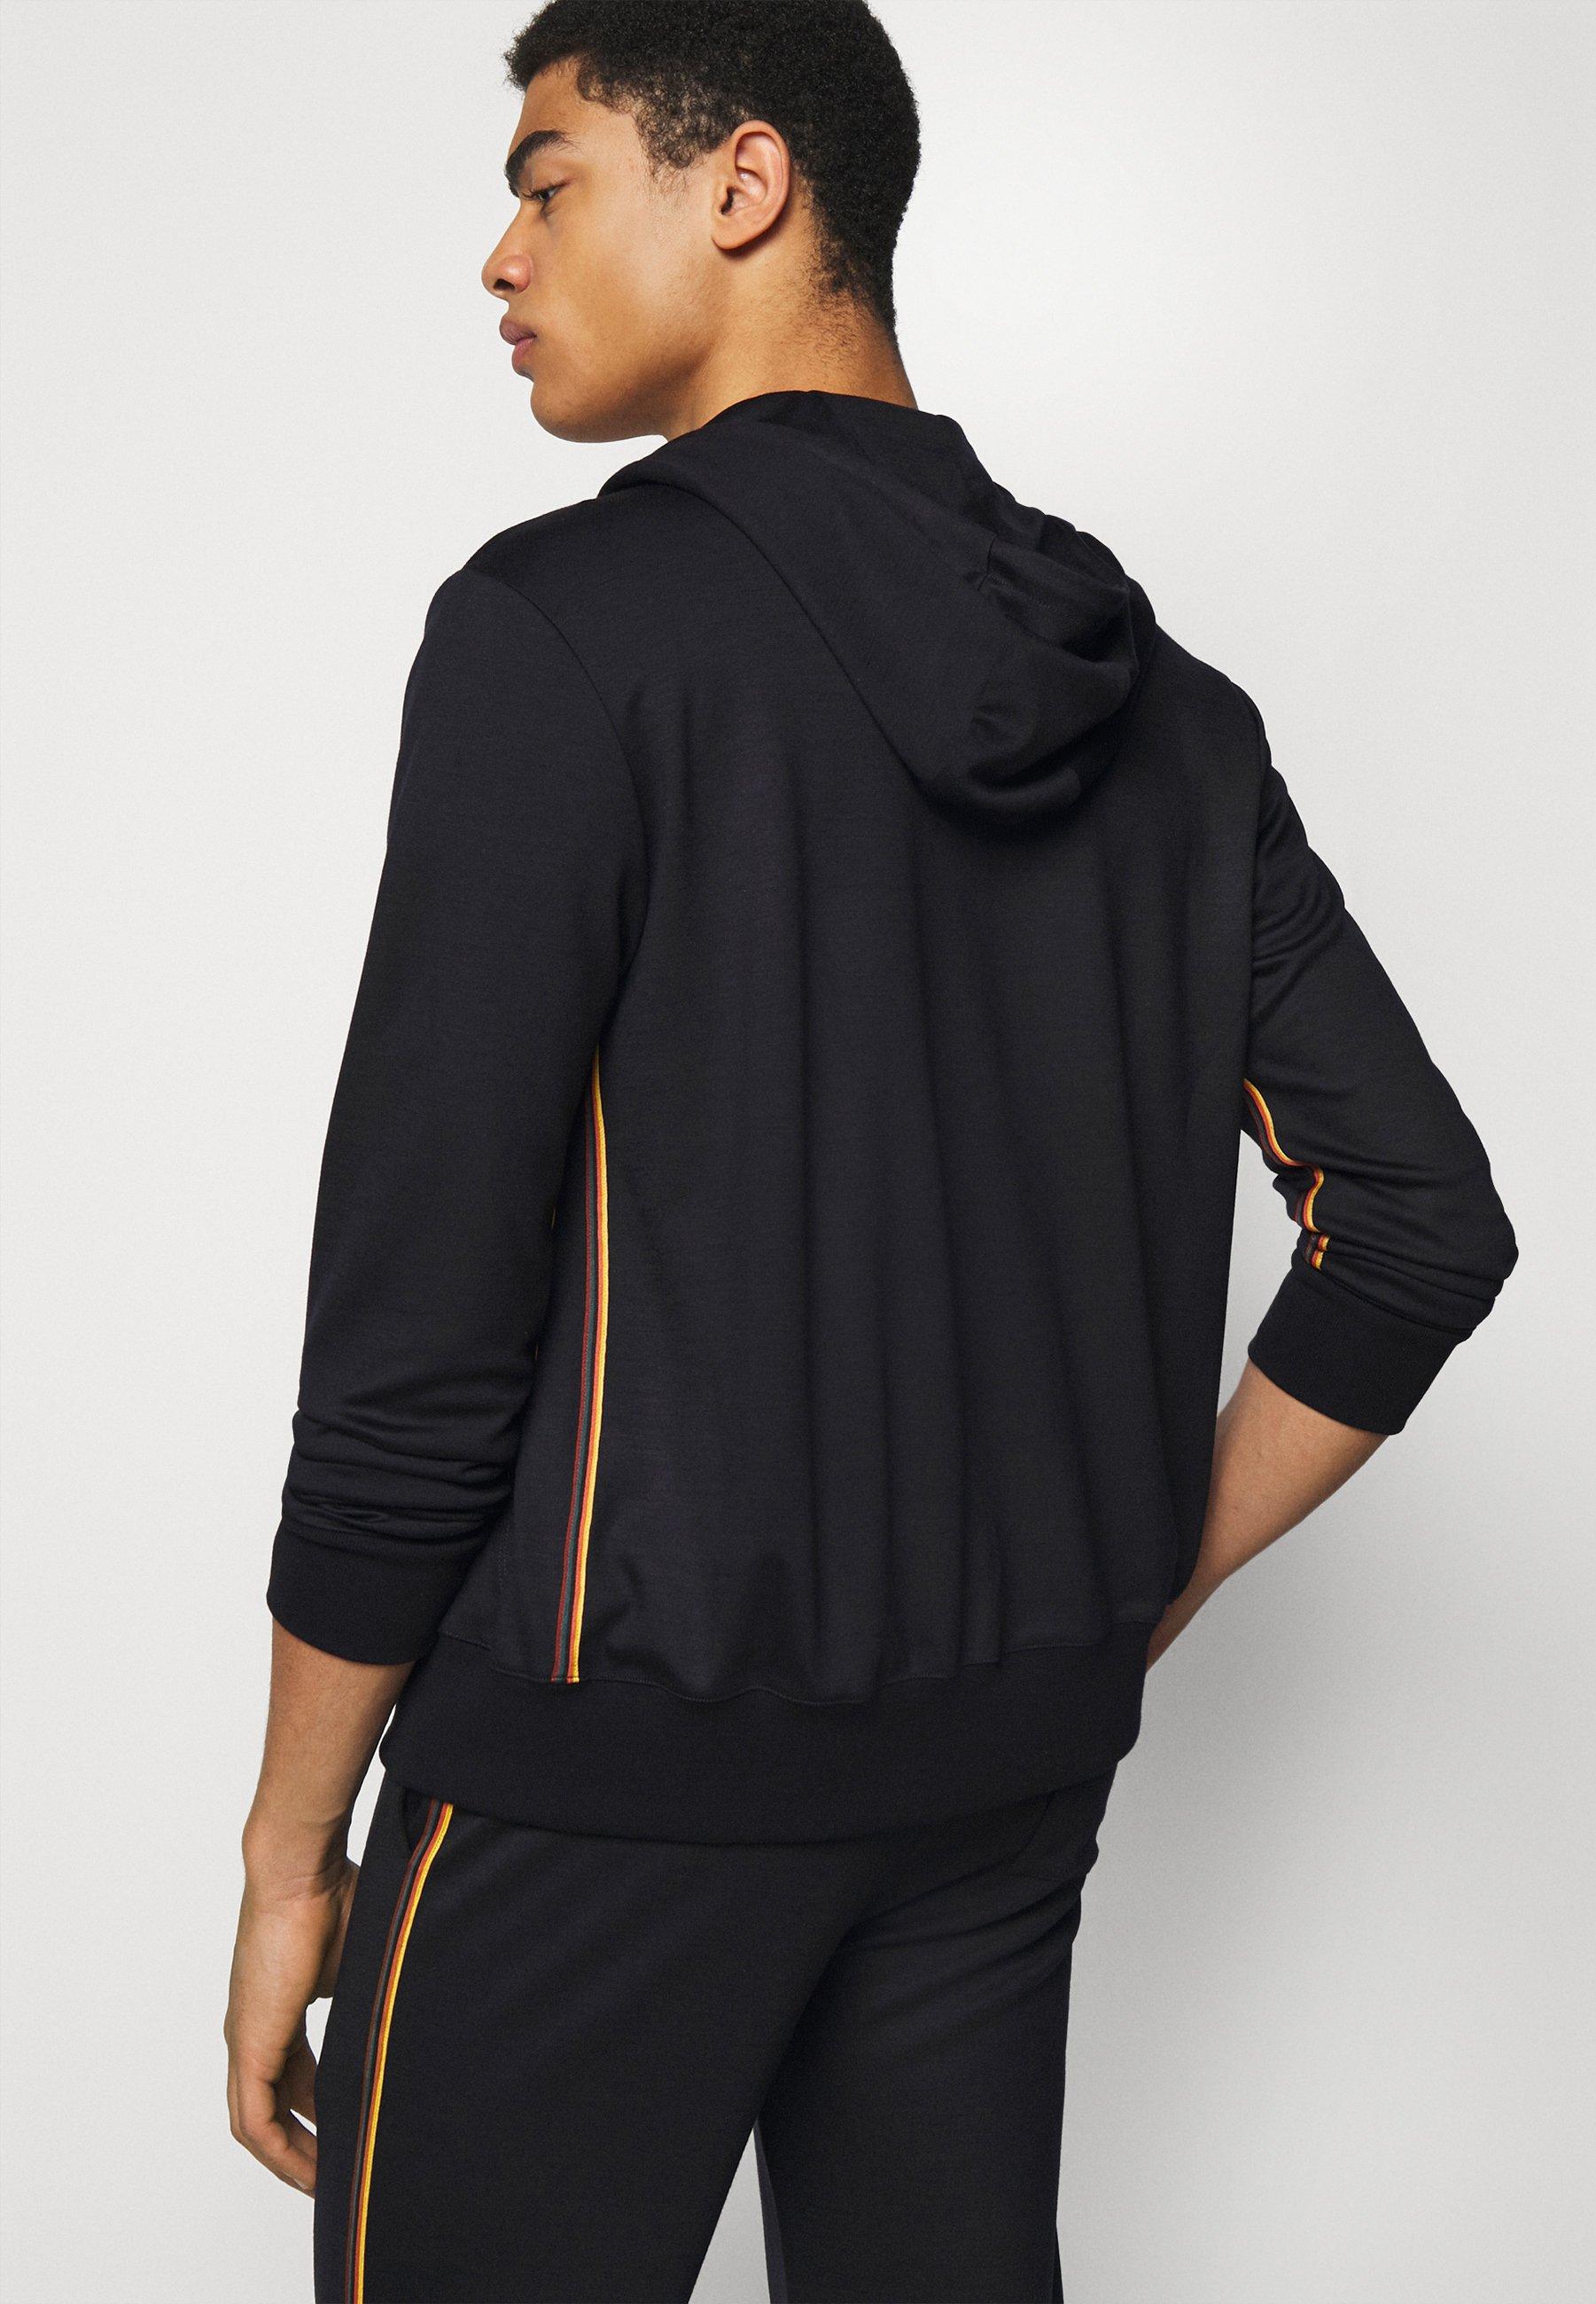 Men GENTS ZIP THROUGH TAPED SEAMS HOODY - Zip-up sweatshirt